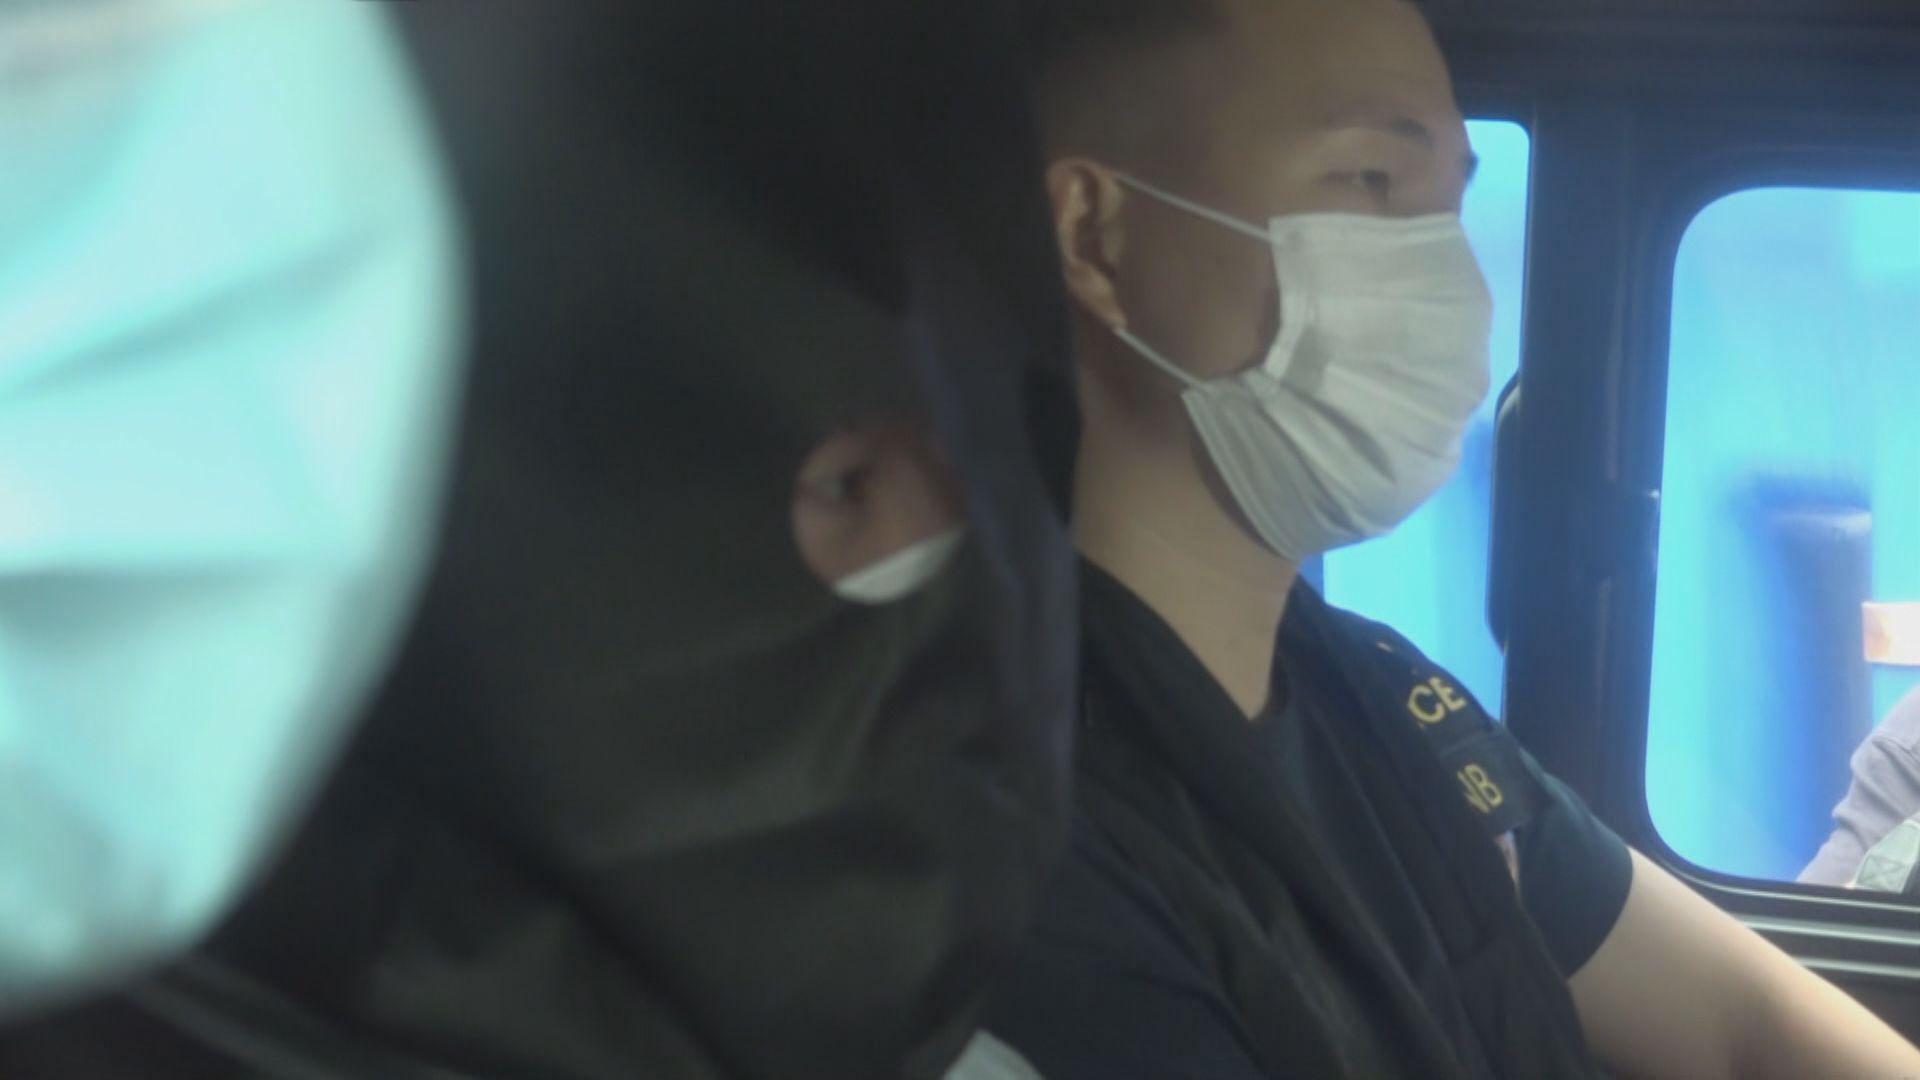 警方:相信被捕人之間有協議 並非針對壹傳媒